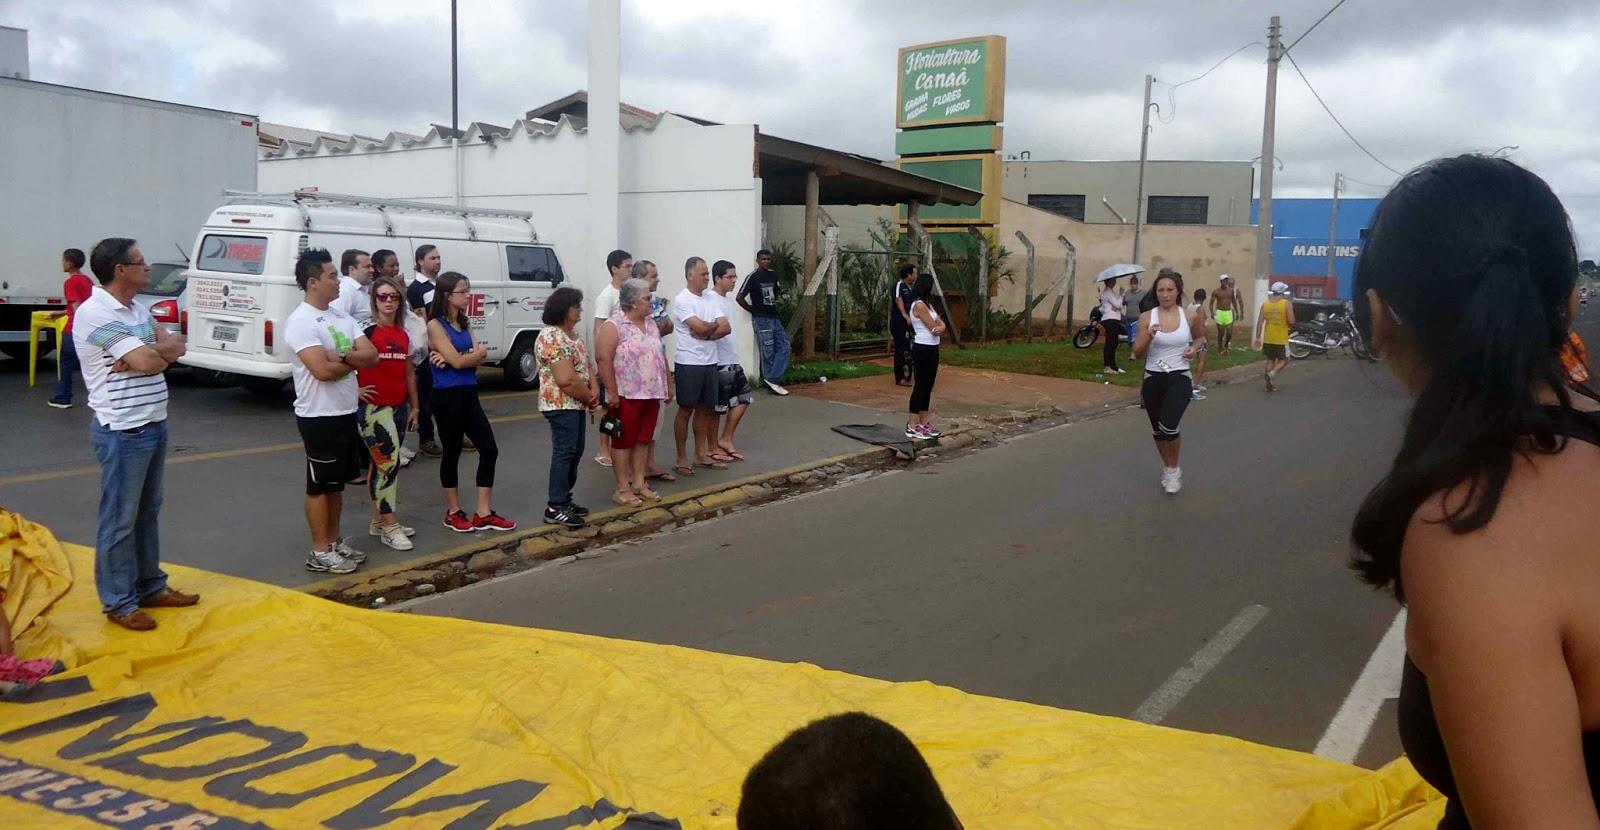 Foto 140 da 1ª Corrida Av. dos Coqueiros em Barretos-SP 14/04/2013 – Atletas cruzando a linha de chegada